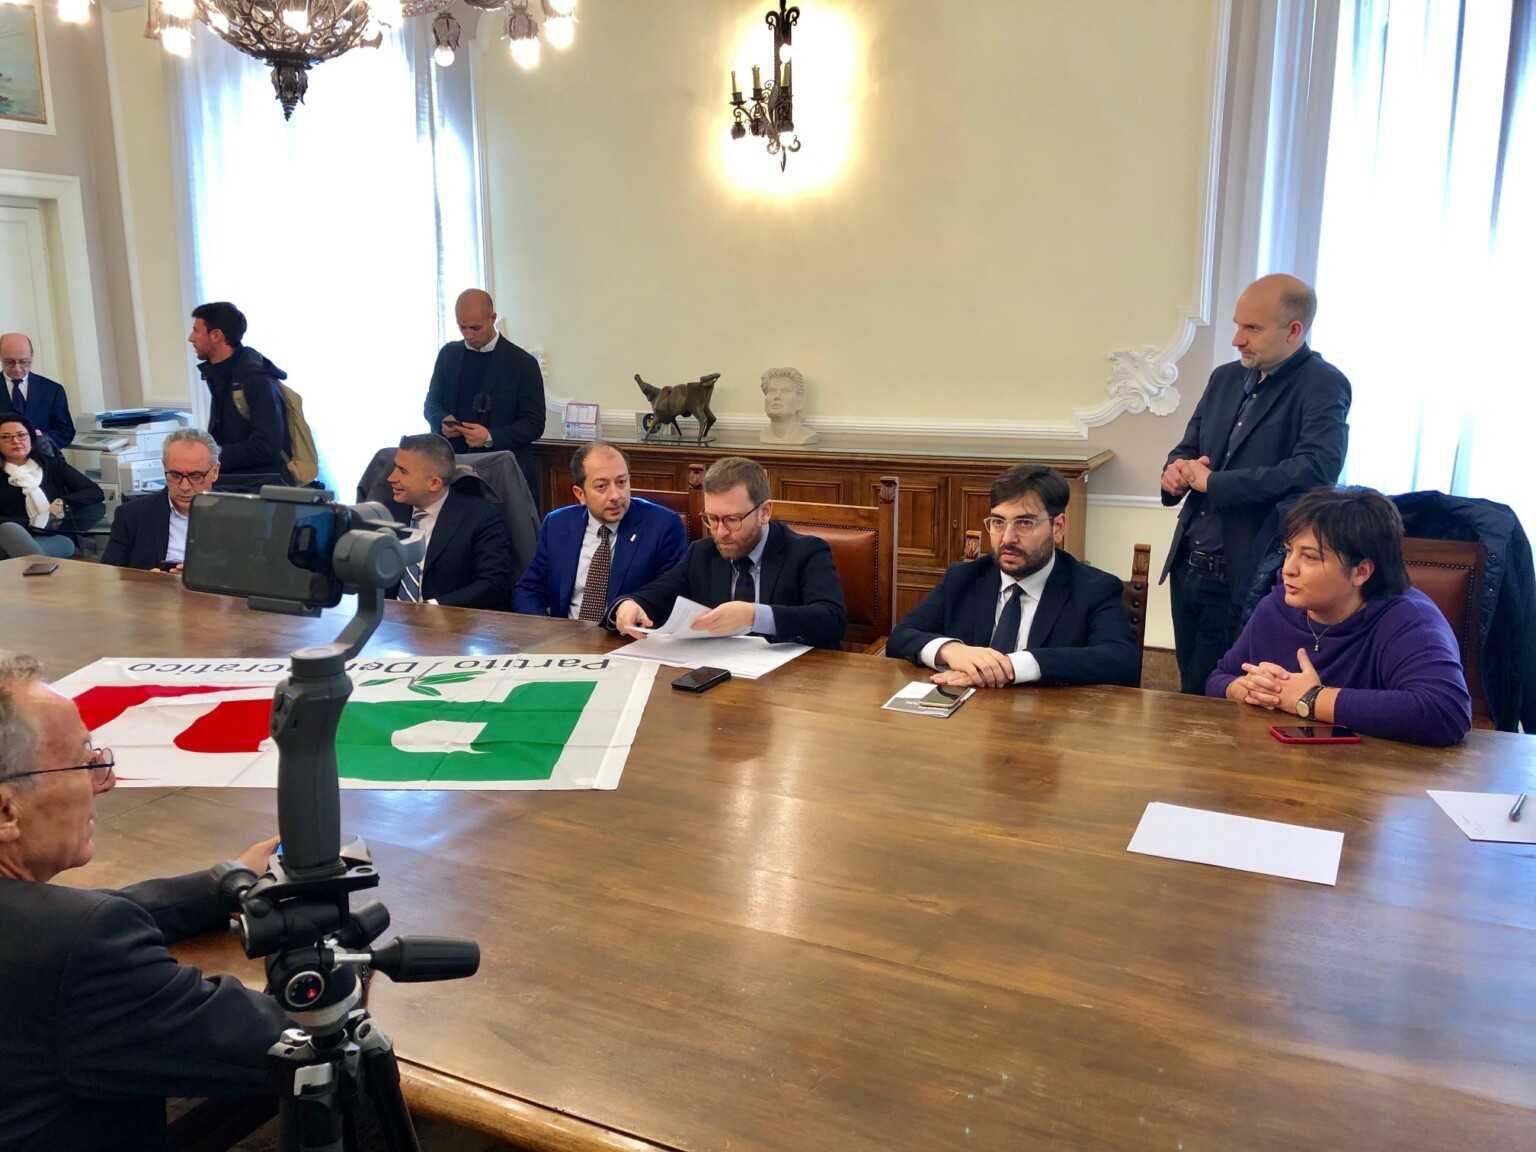 PD Abruzzo, il ministro Provenzano all'incontro degli amministratori: 300 milioni per le infrastrutture sociali